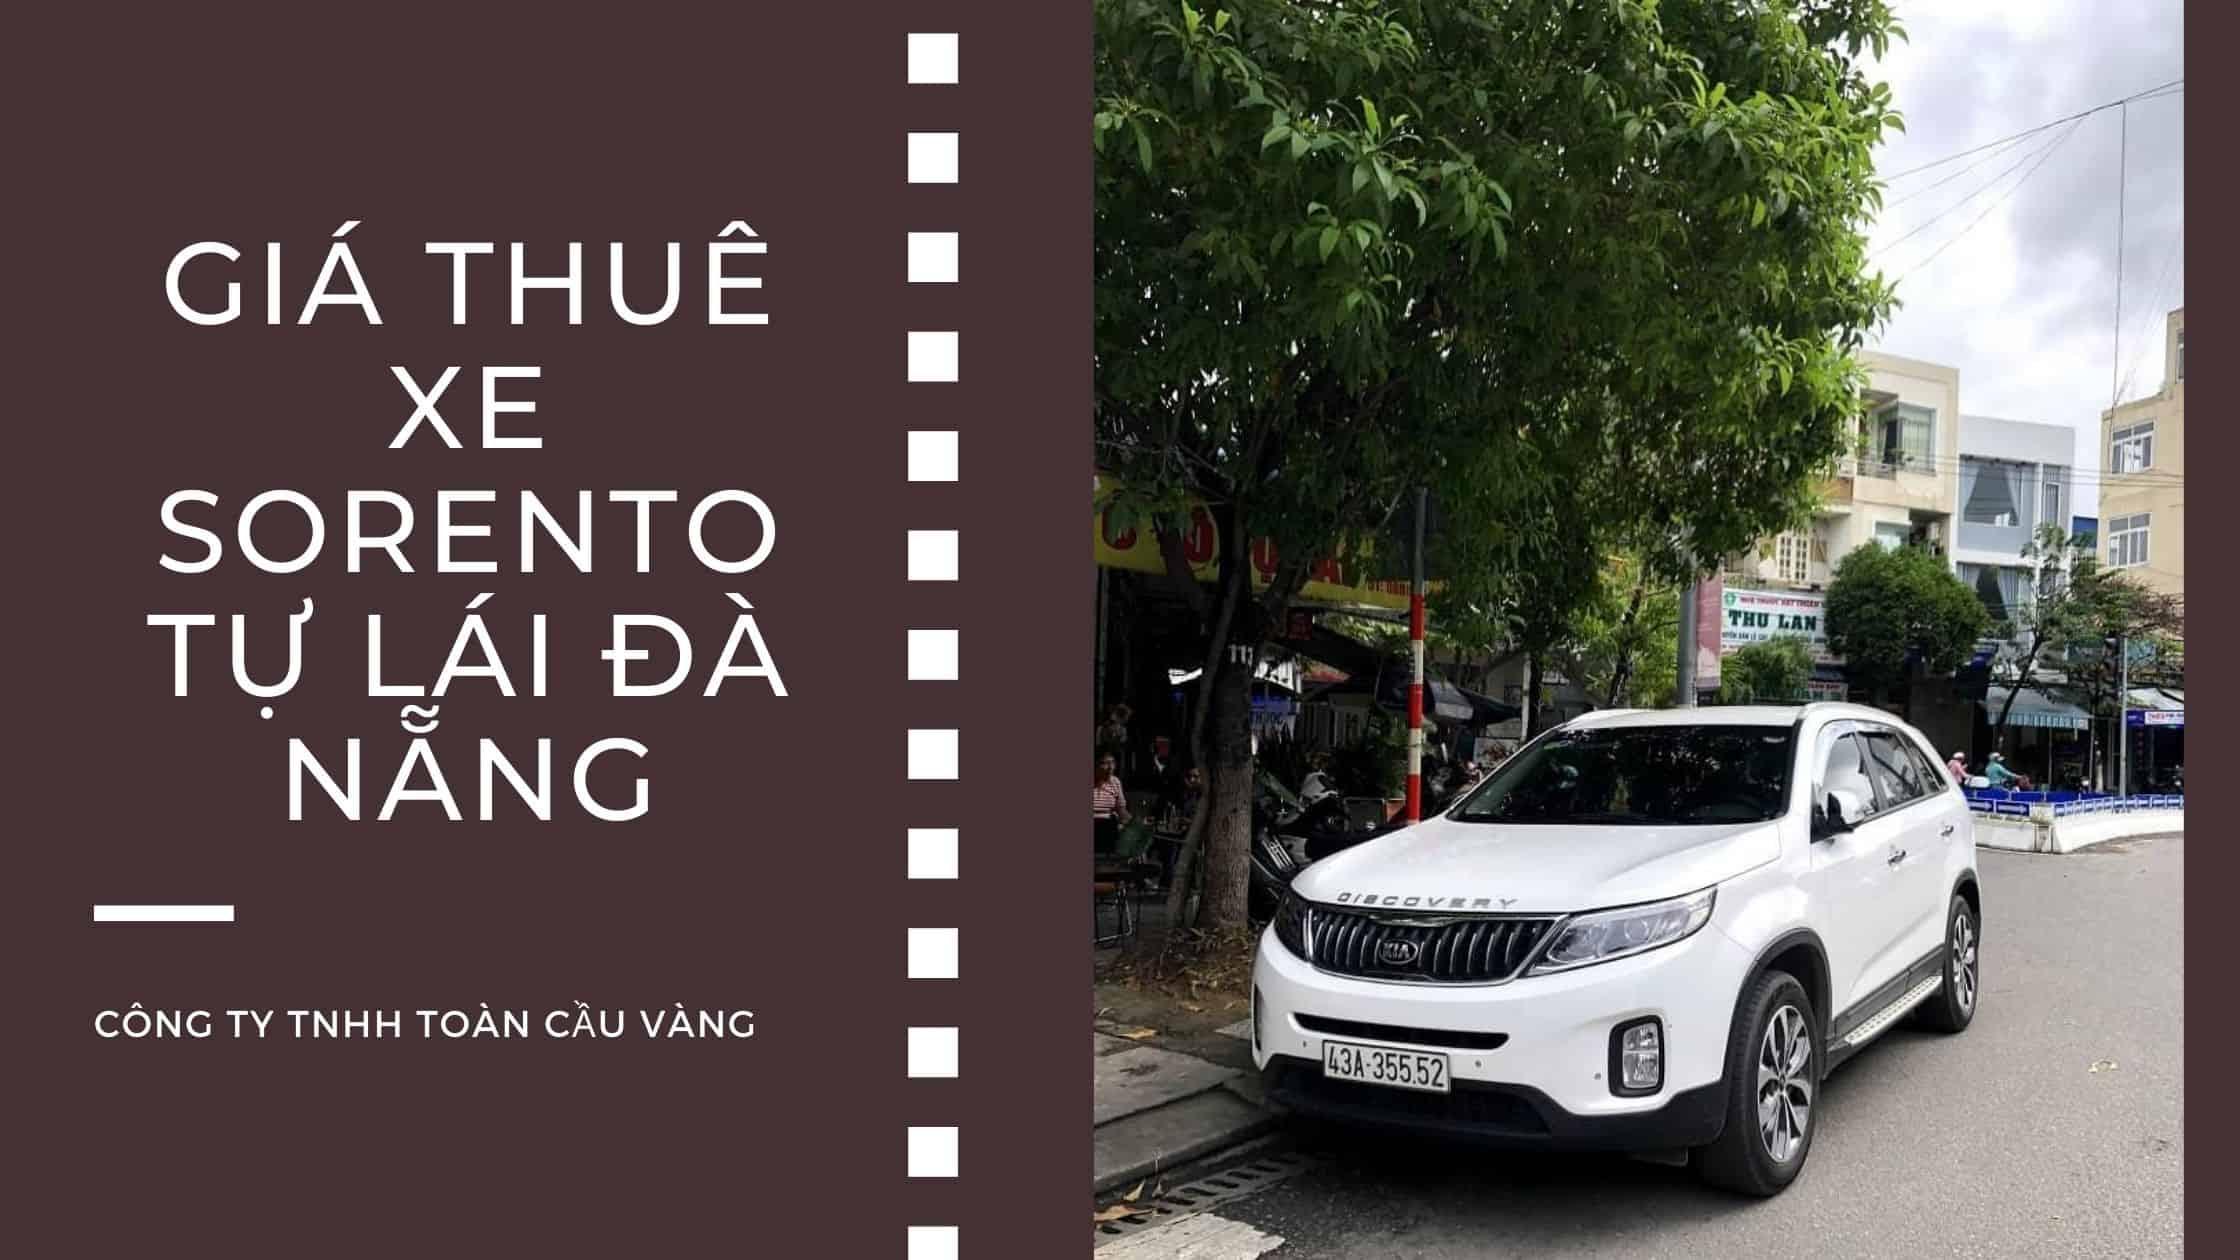 Cho thuê xe Sorento tự lái Đà Nẵng